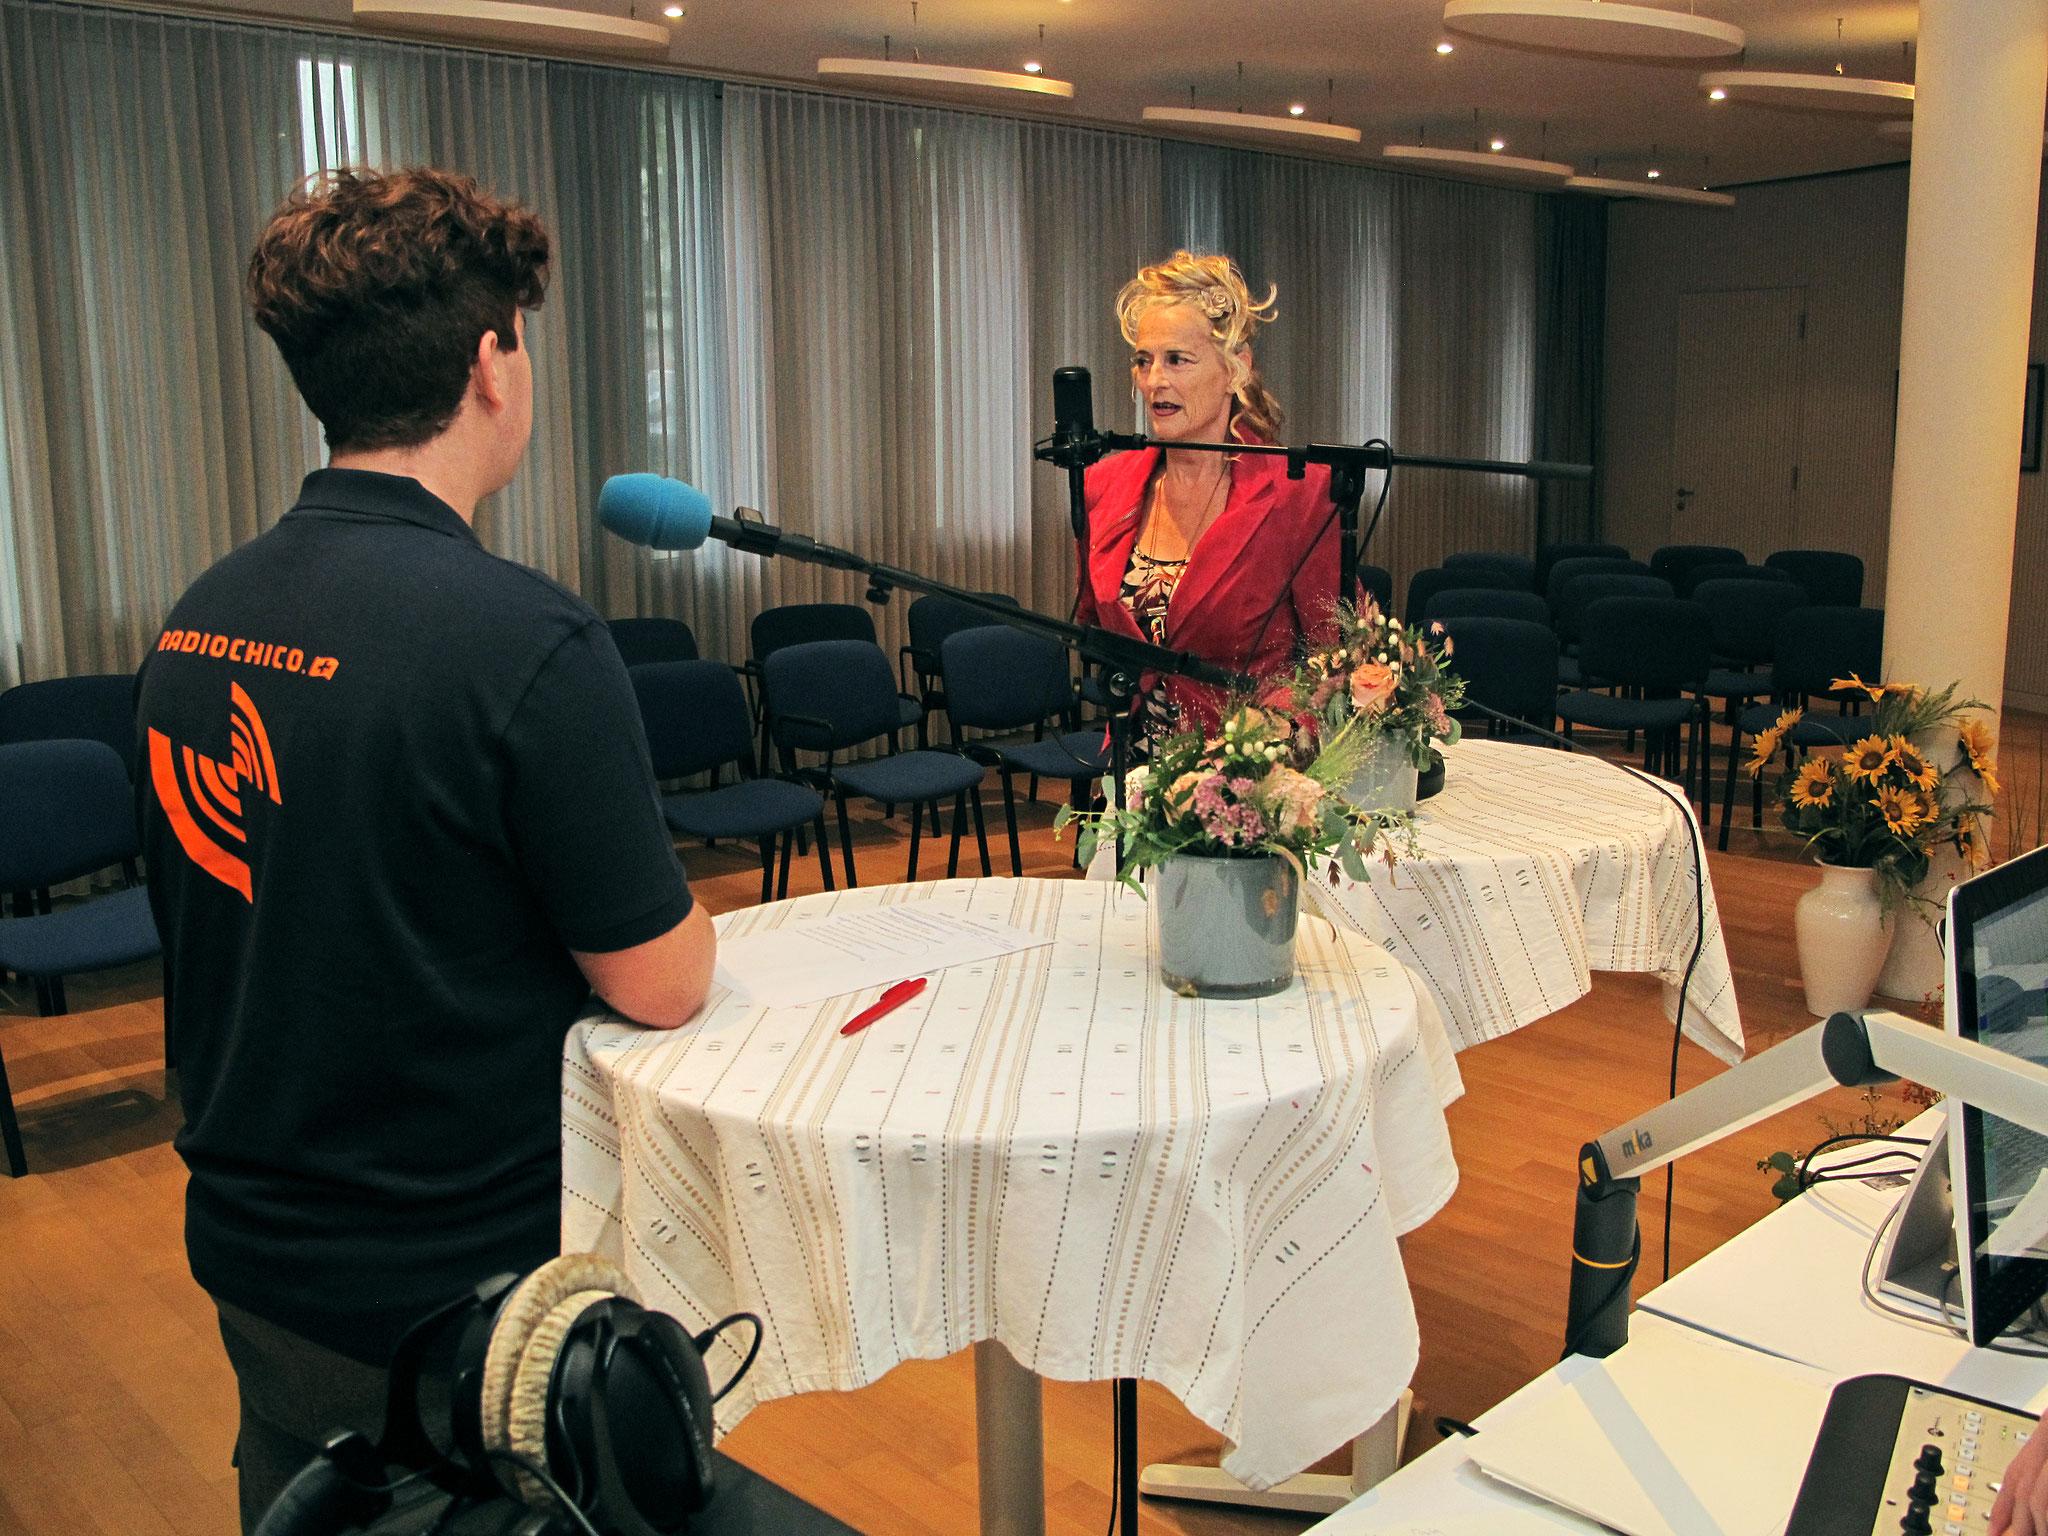 Christine Lauterburg Sängerin im Gespräch mit Moderator Lorenzo